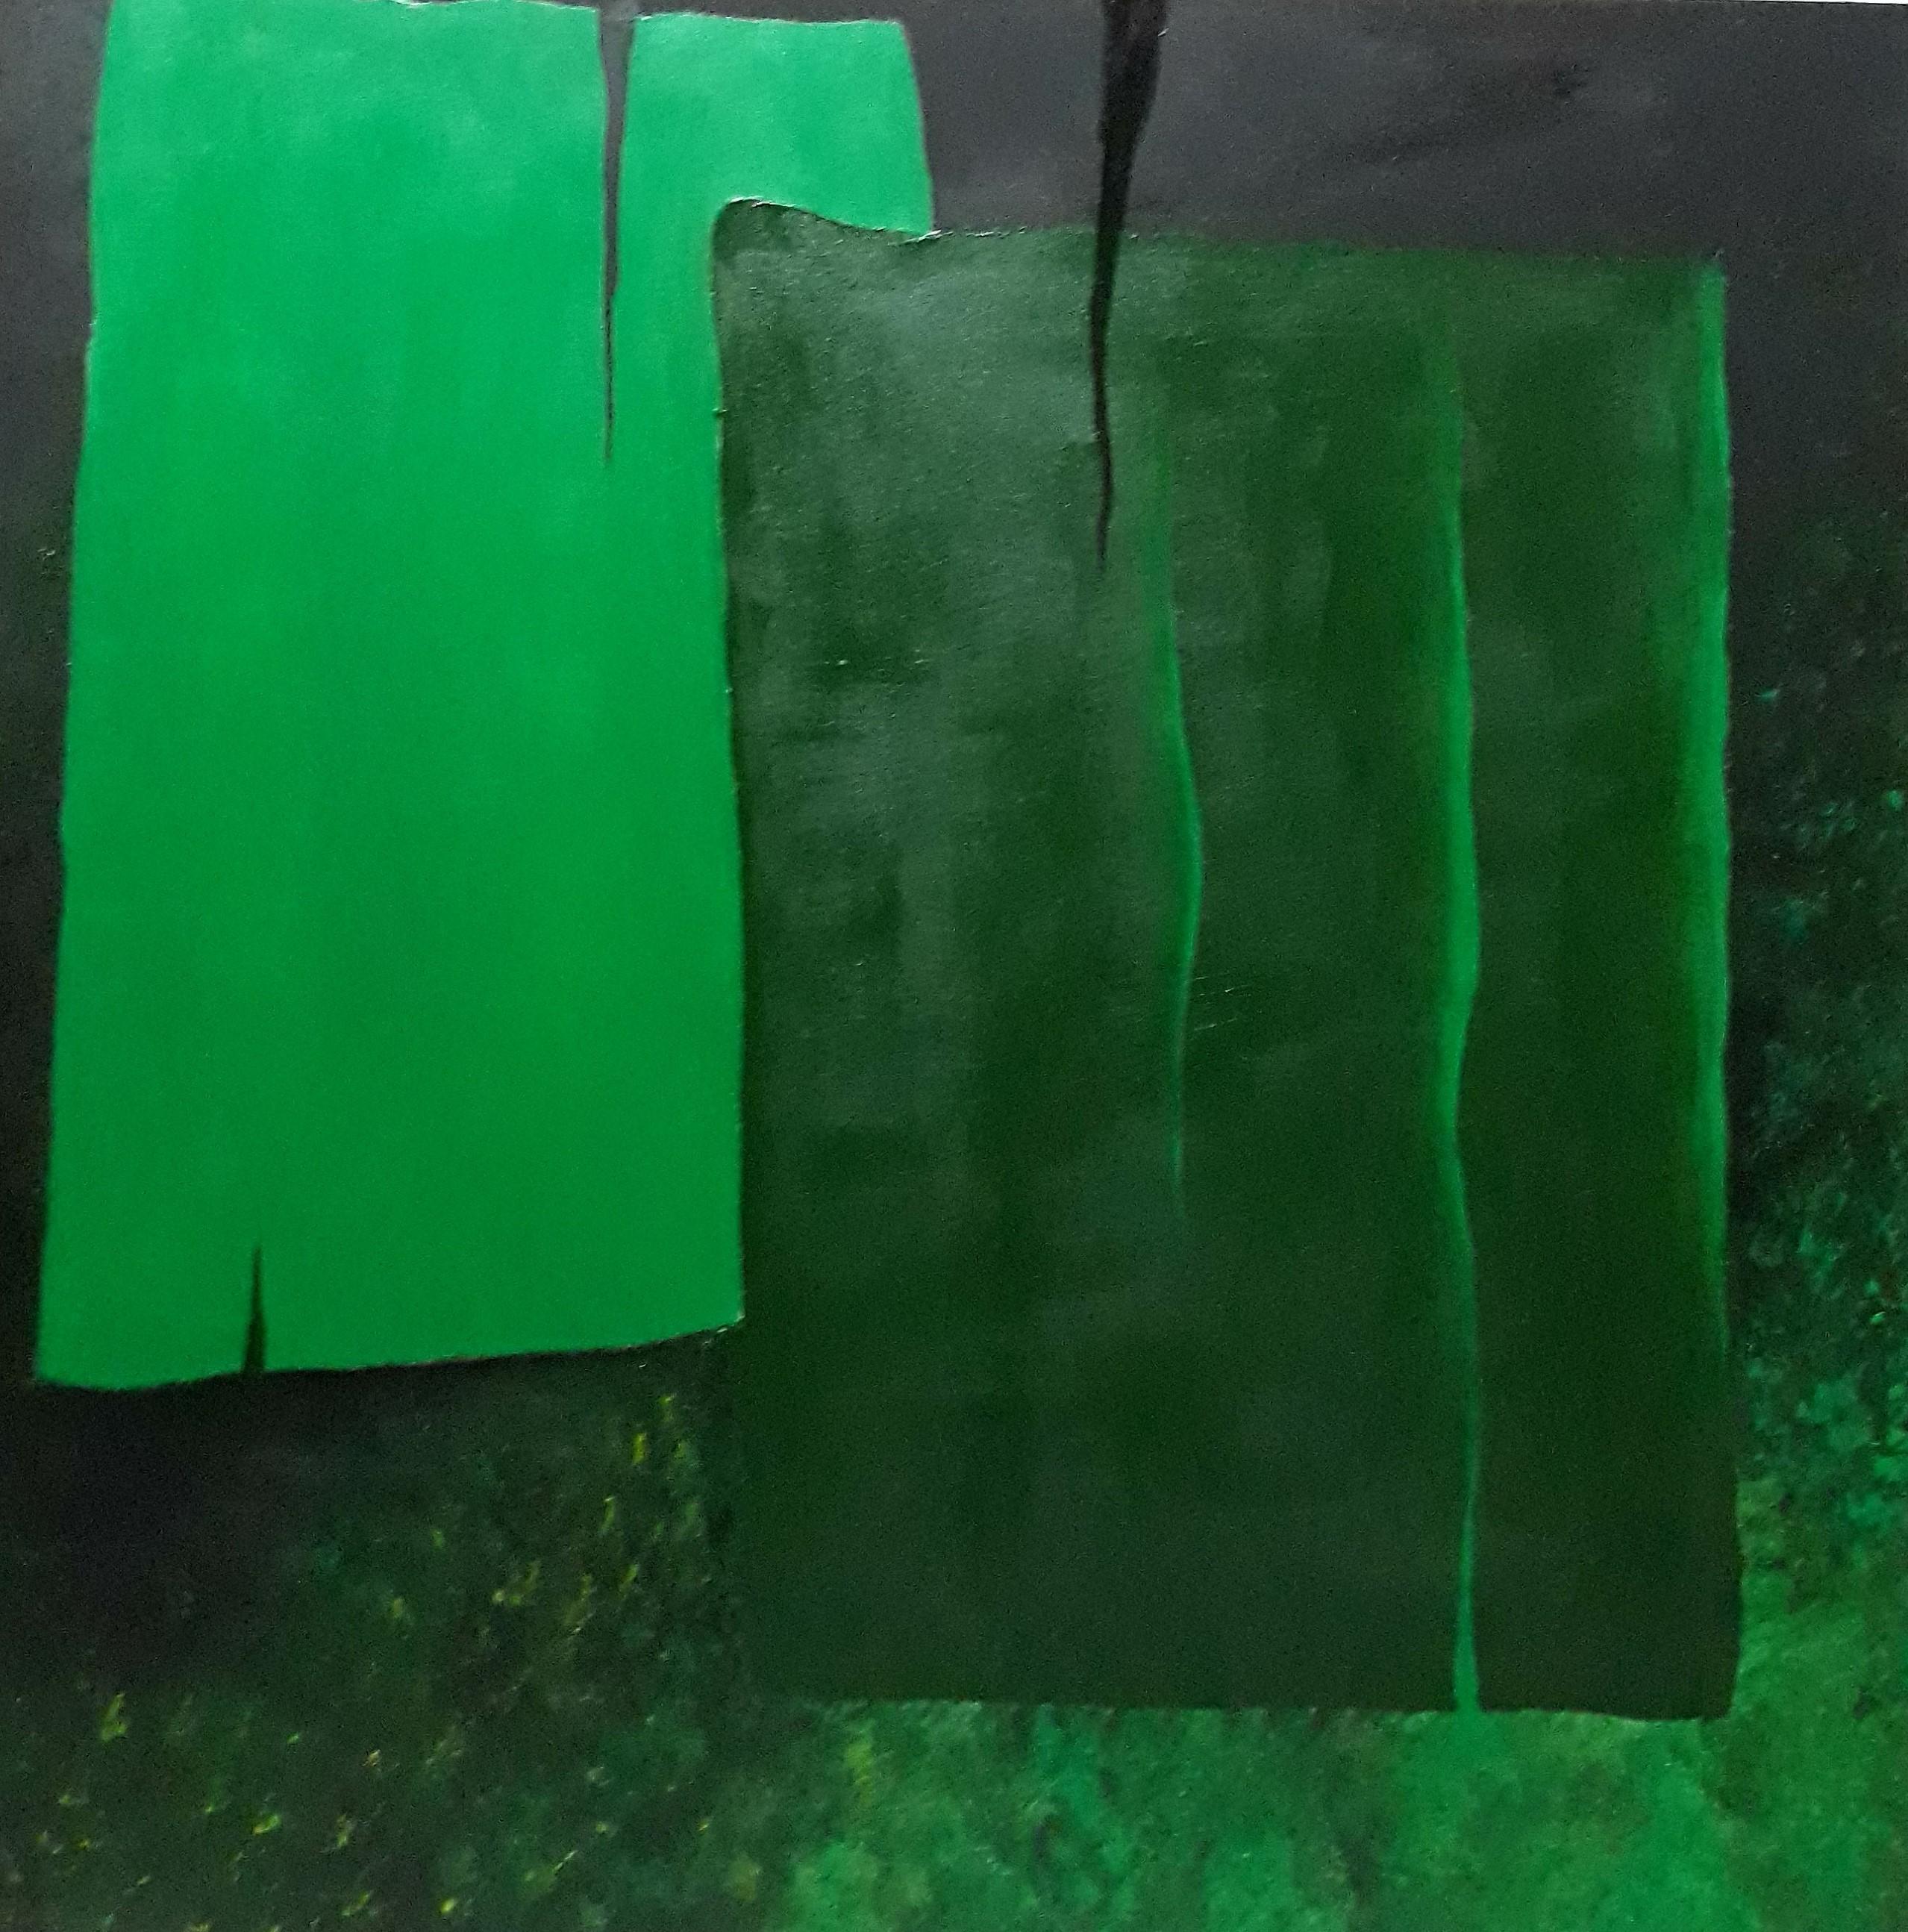 Ro Agria_Verde 1,00 x 1,00 m (2)